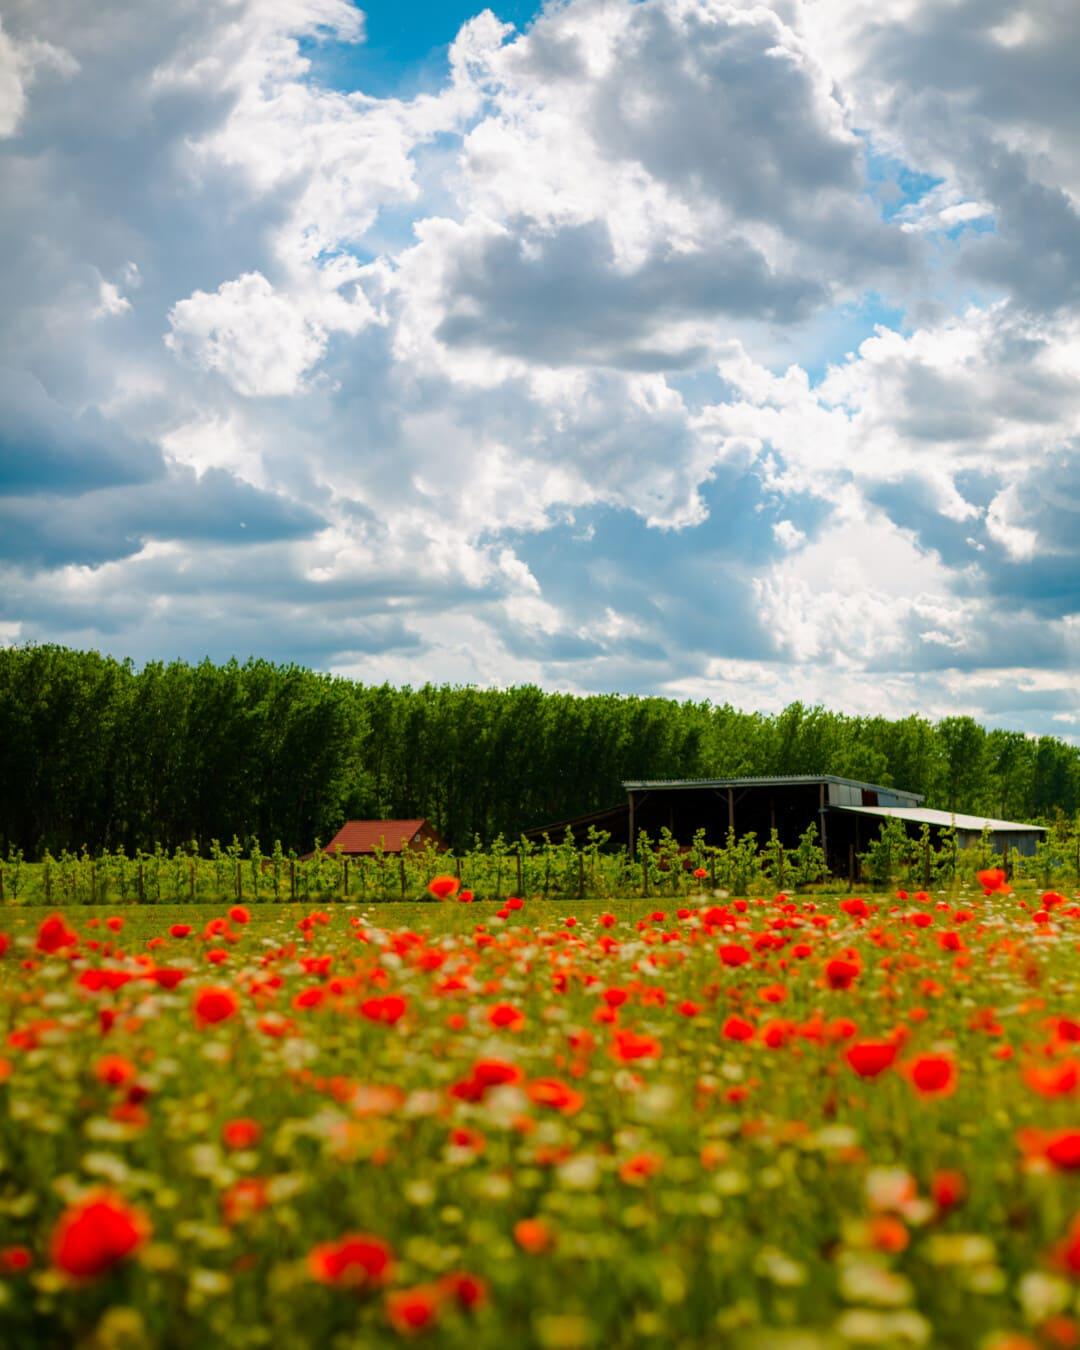 Landwirtschaft, Obstgarten, Schuppen, Mohn, Feld, Ackerland, des ländlichen Raums, Blume, Natur, Wiese